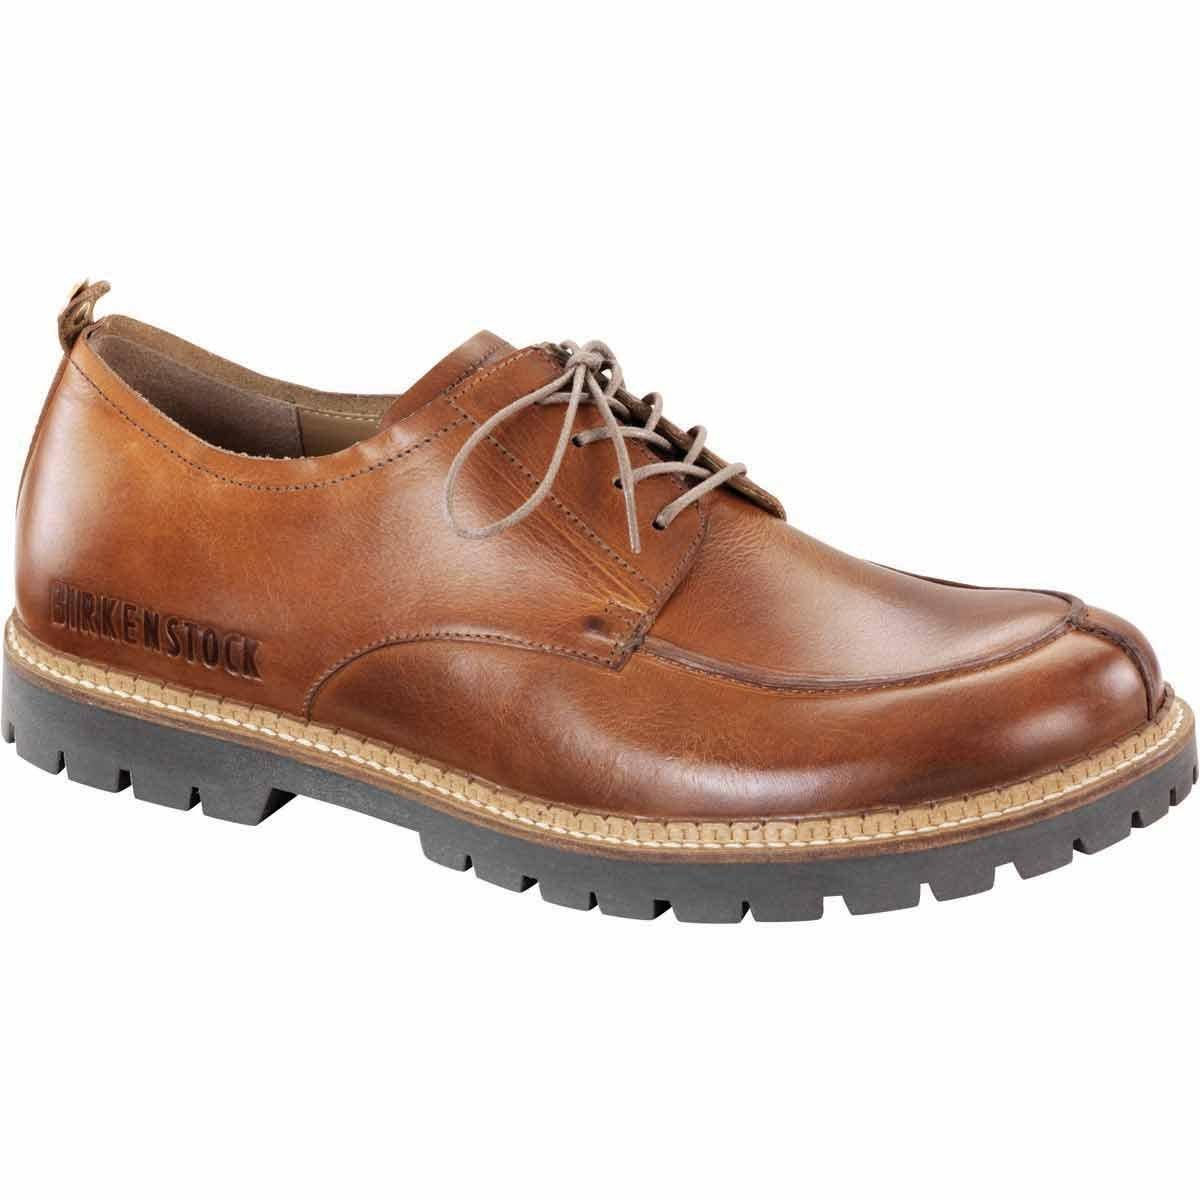 Birkenstock Mens timmins Oxford Cuoio Size 43 EU (10-10.5 M US Men)